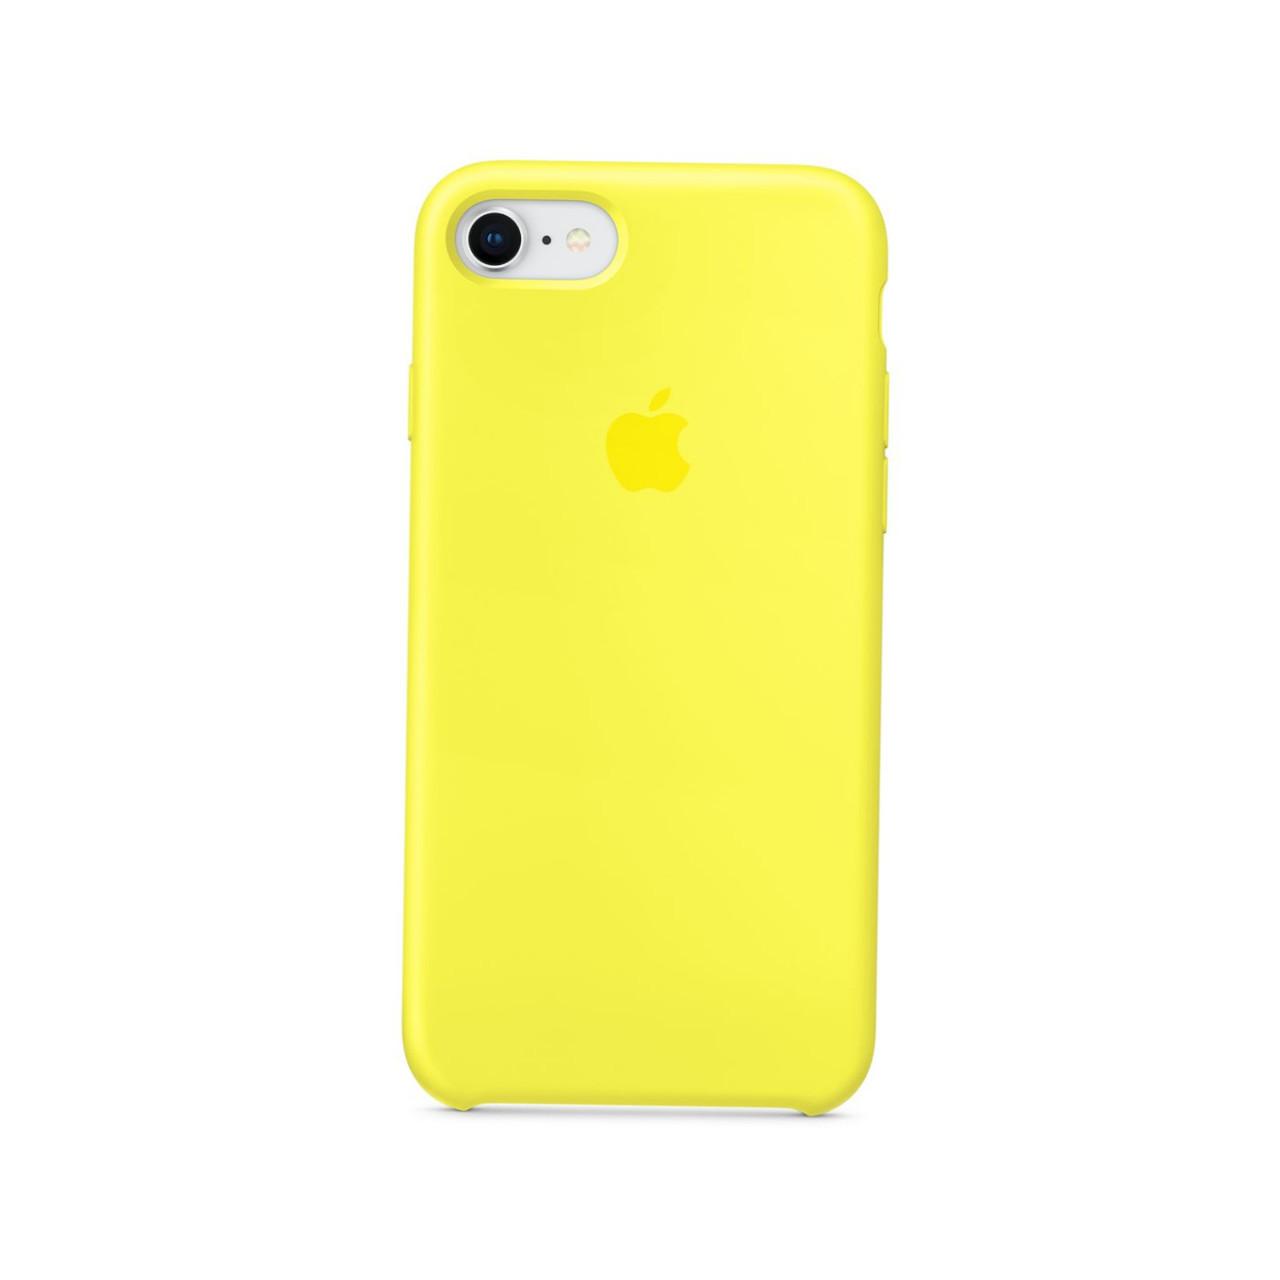 Оригинальный чехол для  iPhone 6/6sSilicone case, желтый